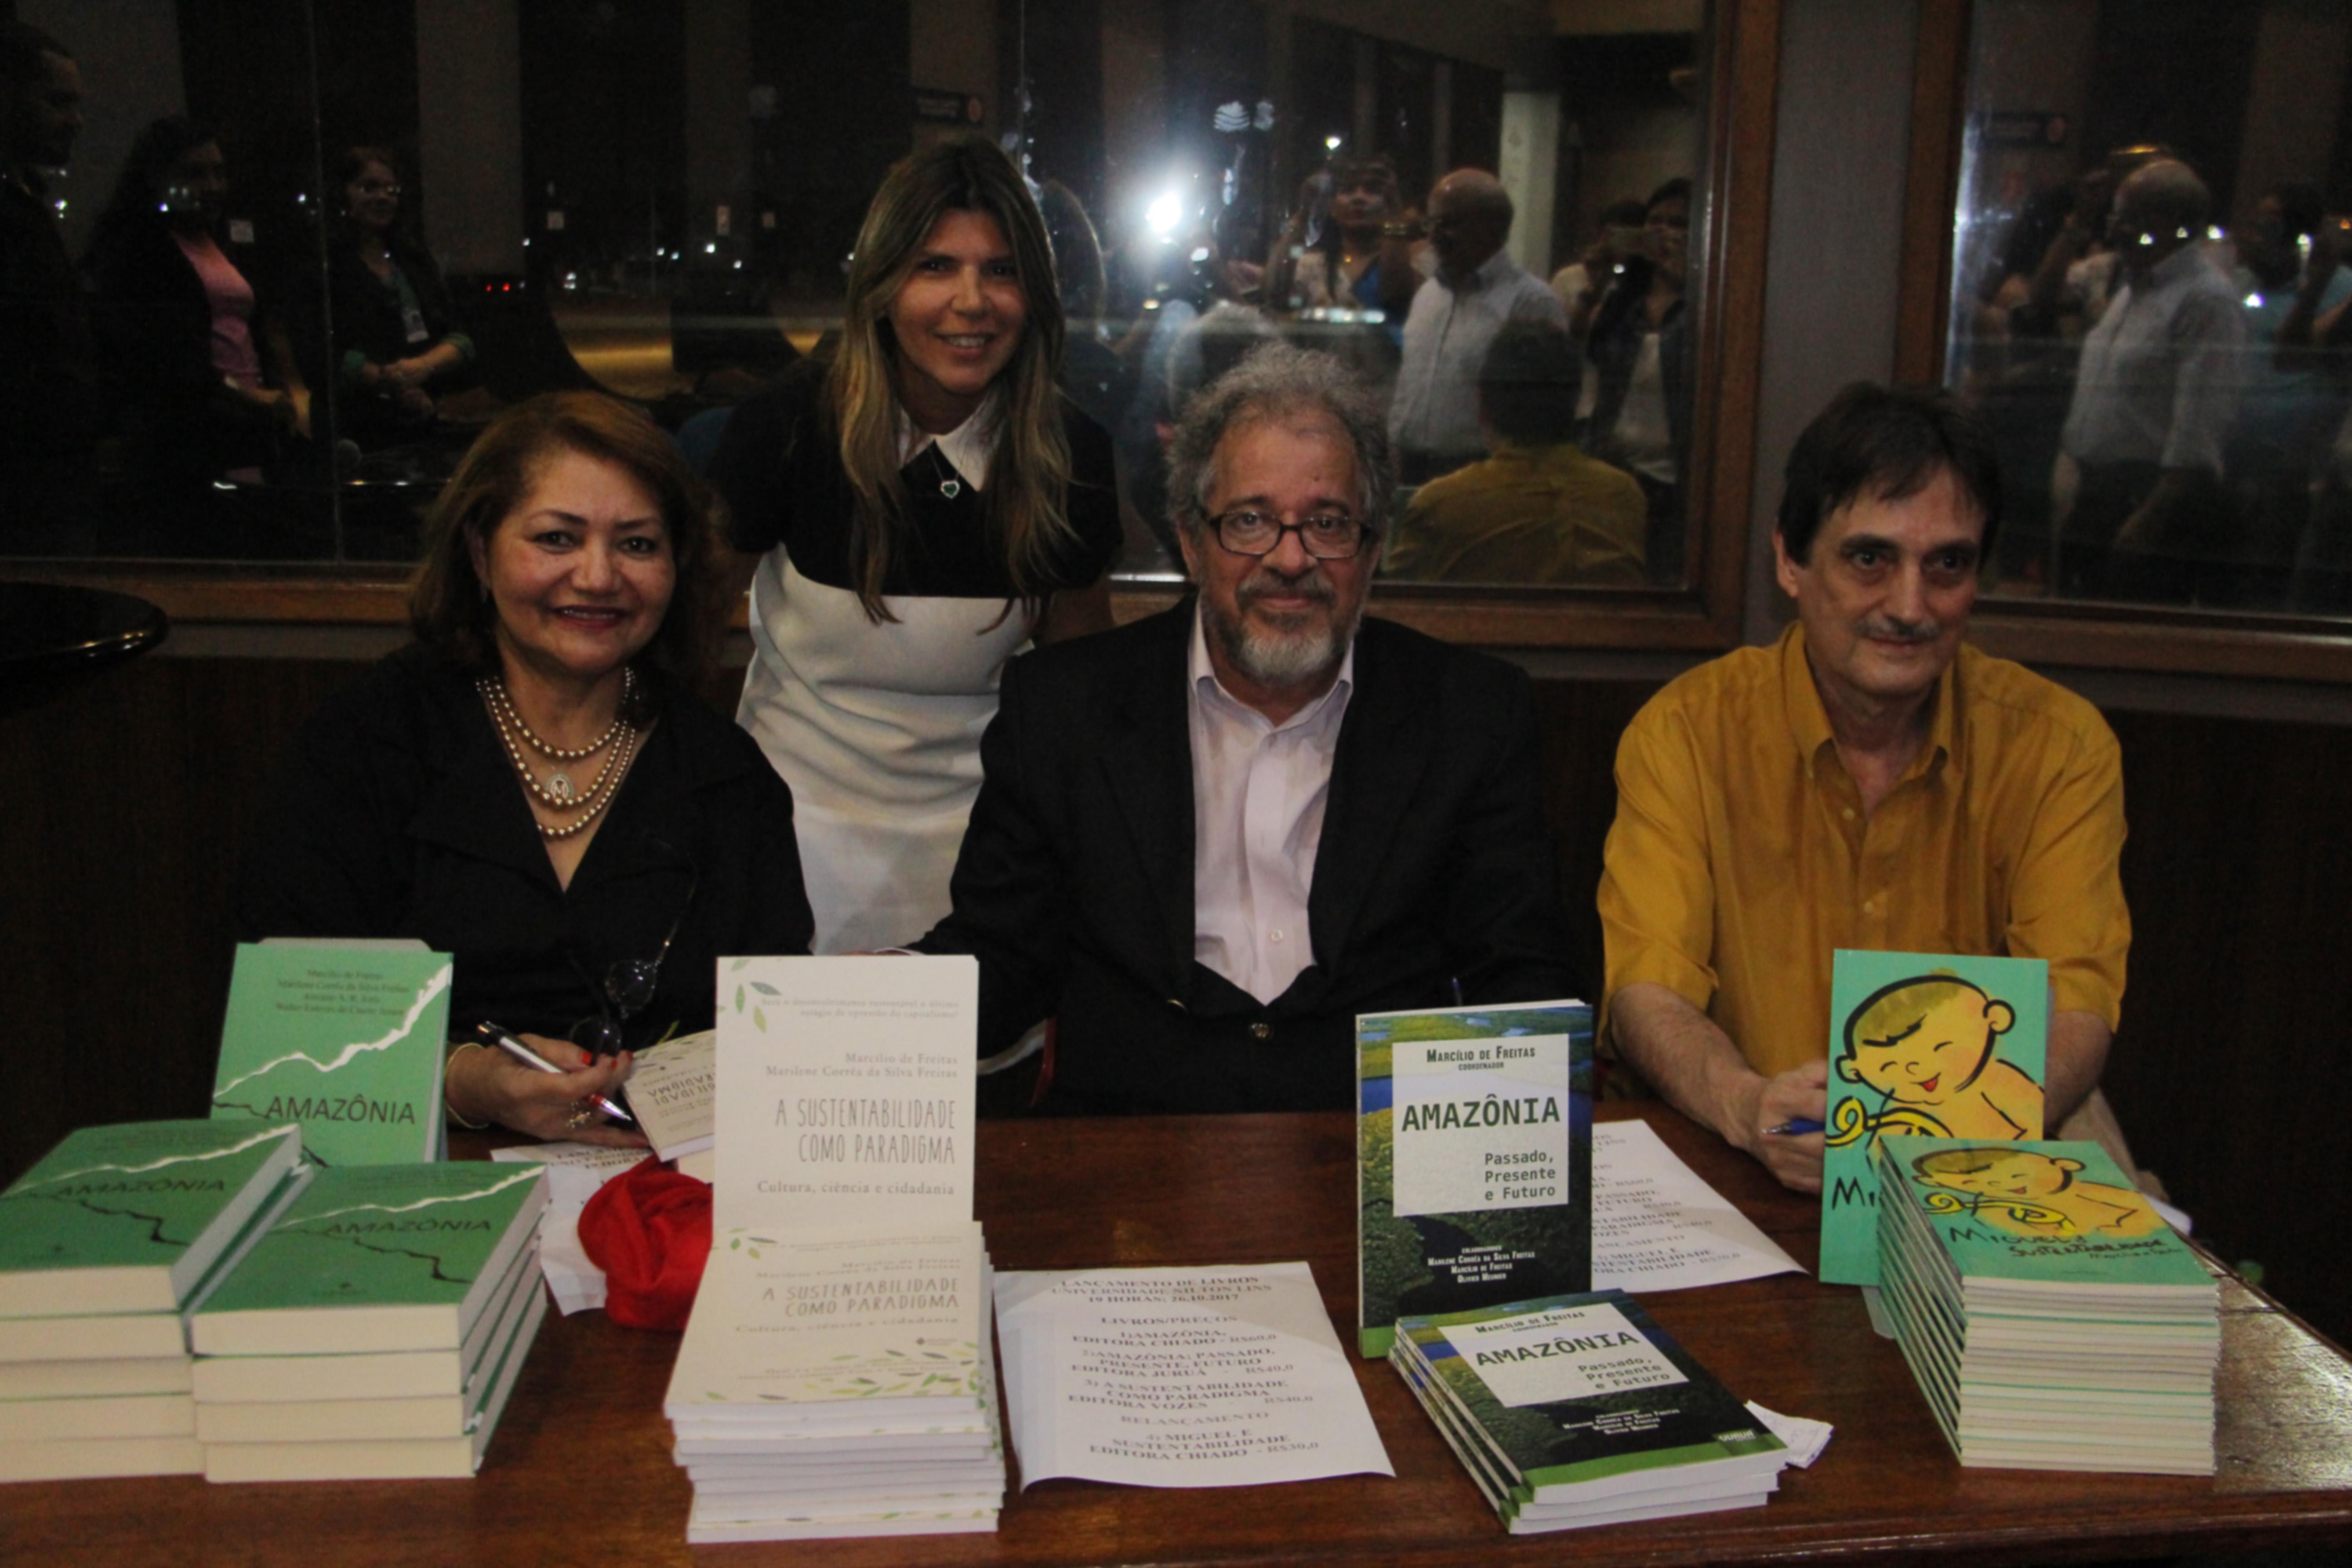 Universidade Nilton Lins sedia lançamento de obras com a temática Amazônia